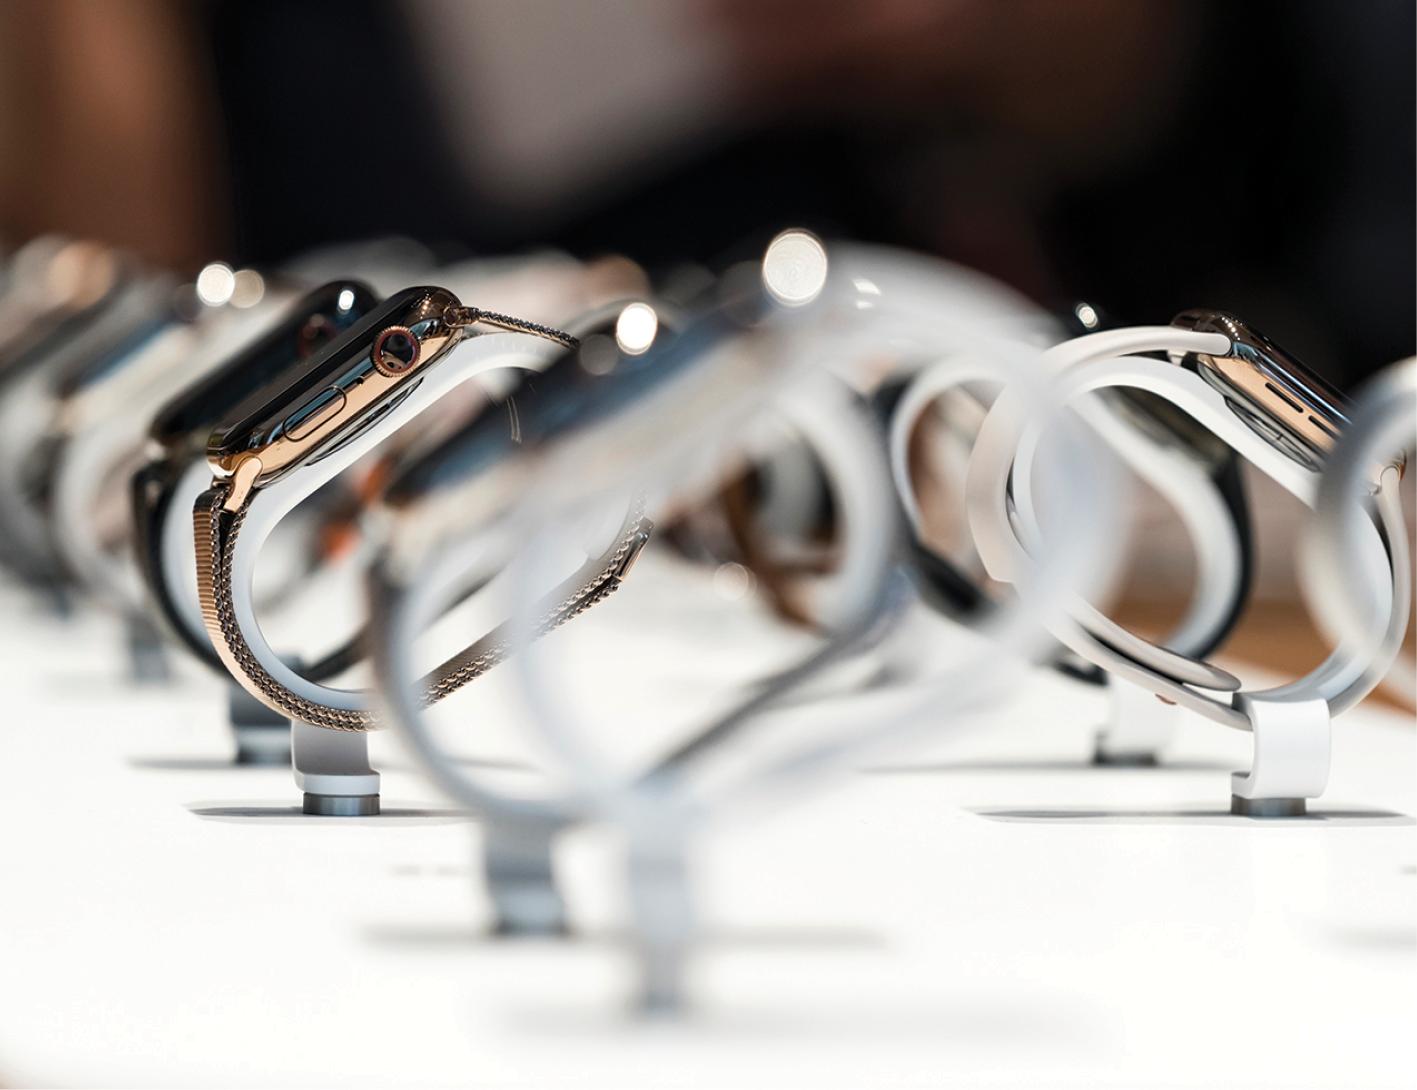 Apple Watch Série 6: acessórios respondem por pouco mais de 10% do faturamento da empresa. O iPhone, por 60%.